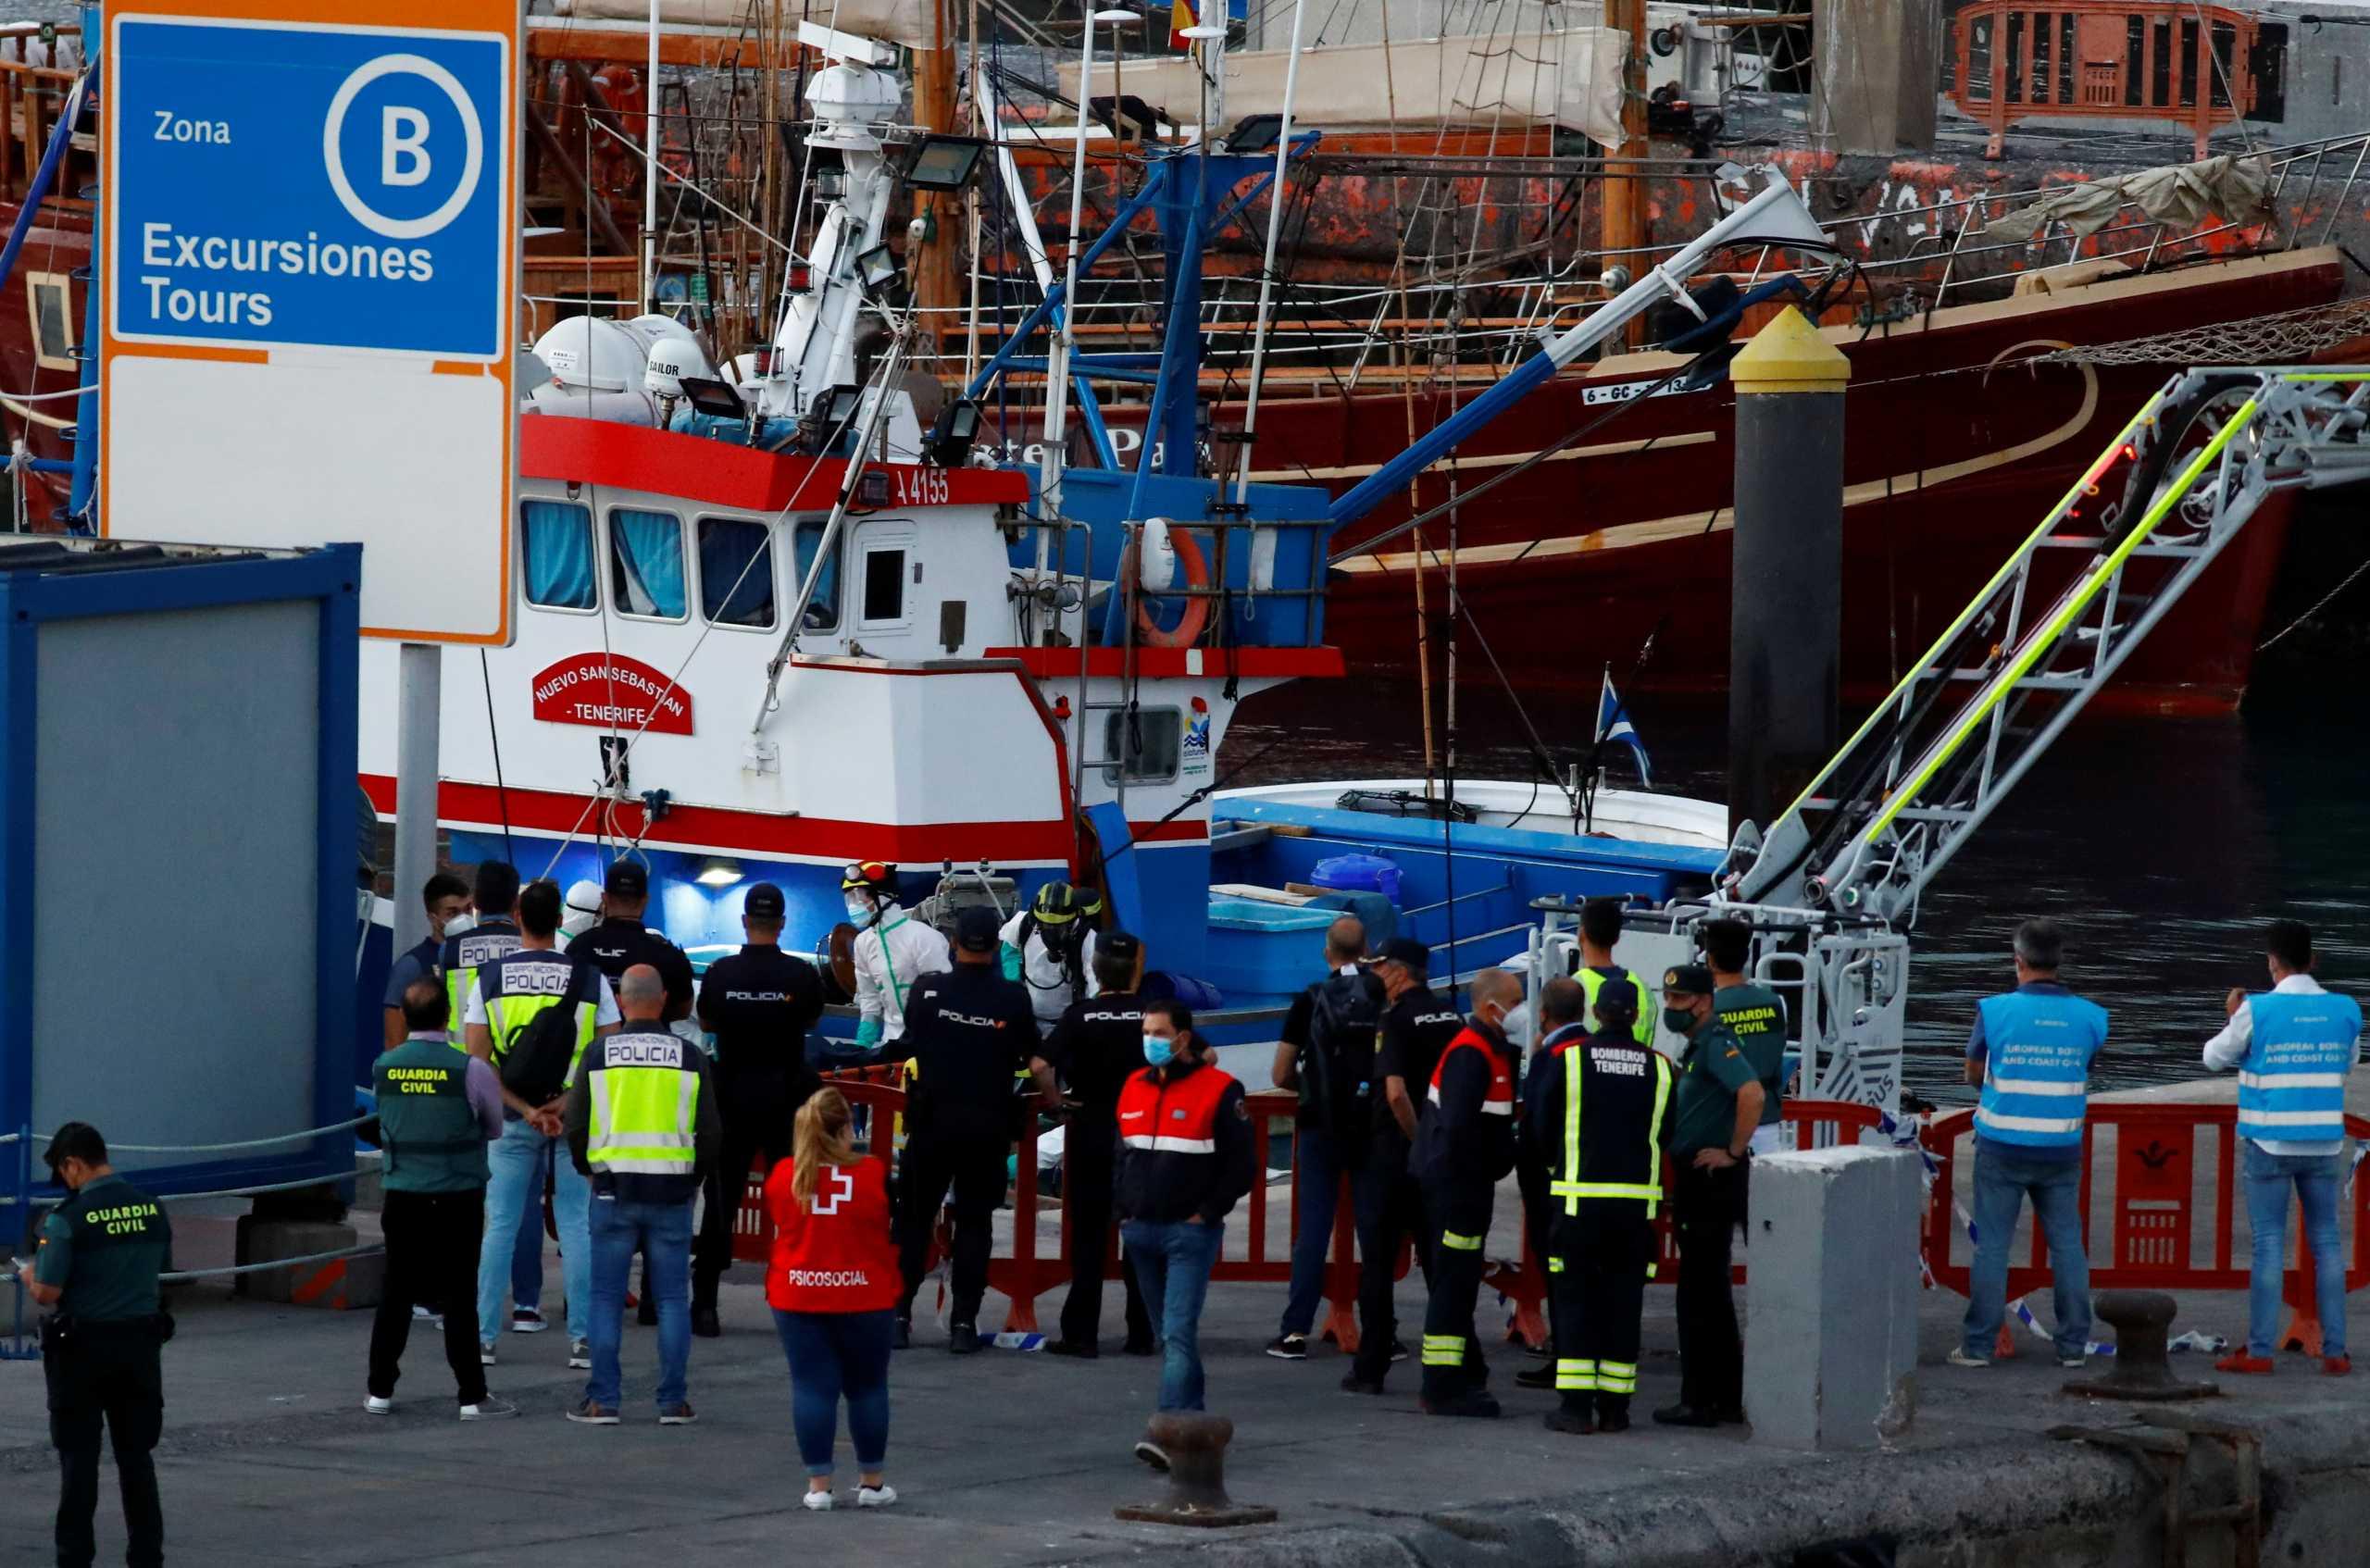 Κανάρια Νησιά: Φρίκη! Έφτασε στις ακτές βάρκα με 24 πτώματα